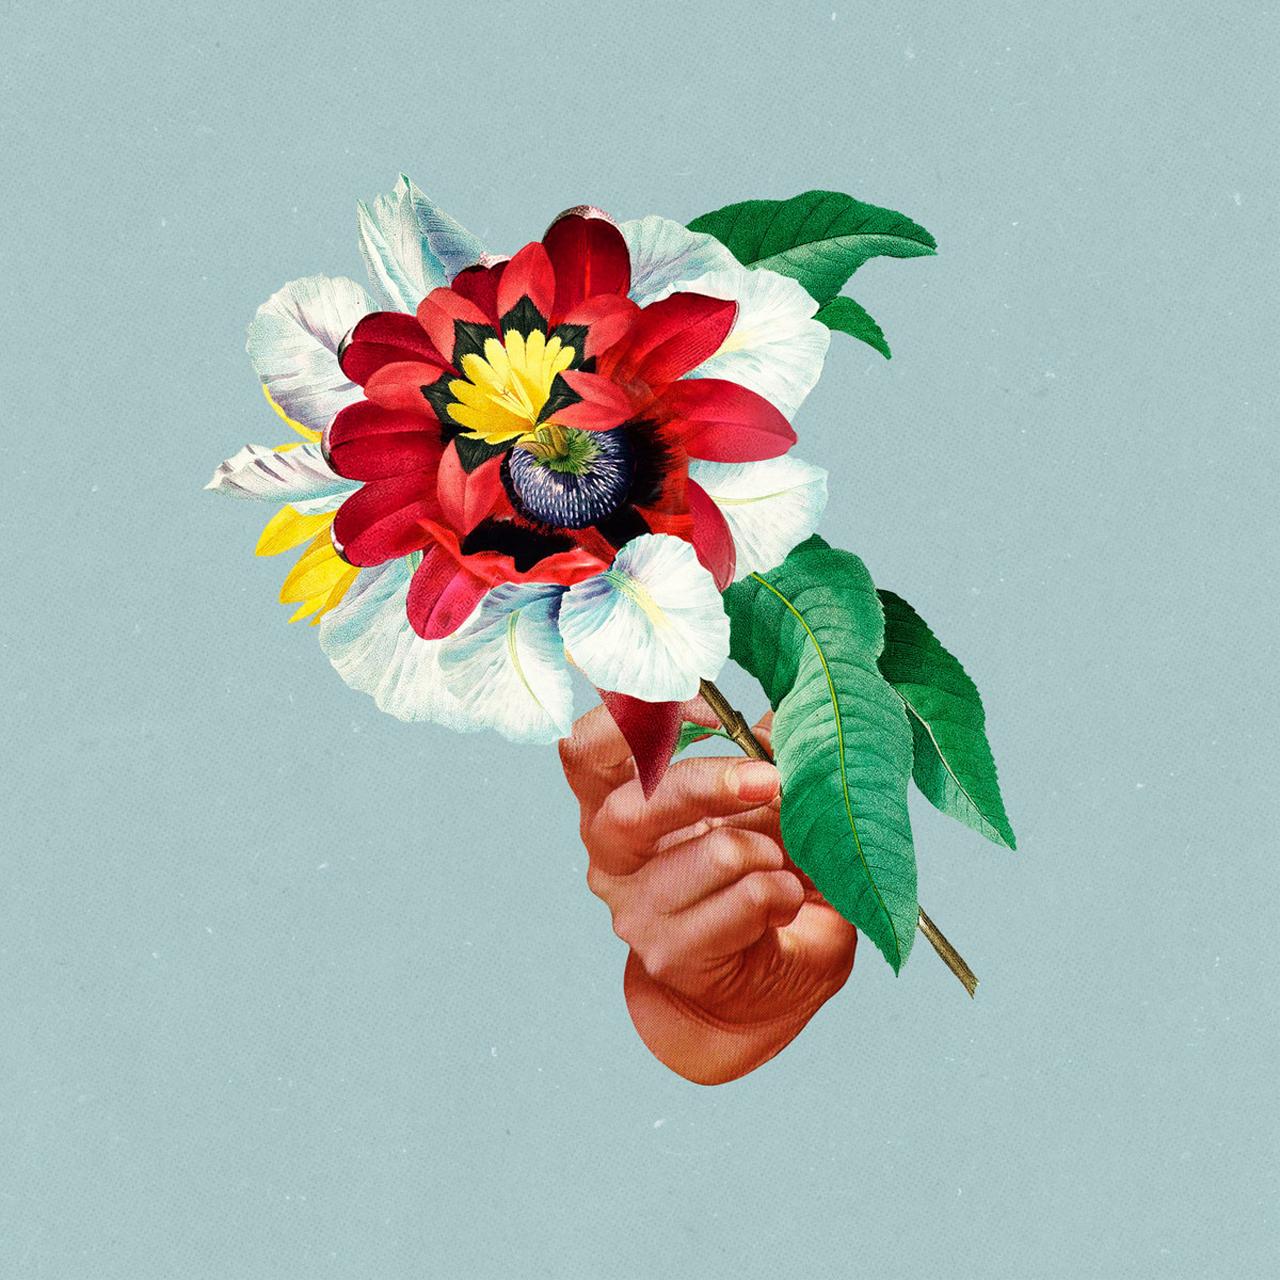 Albumcover mit Blumen